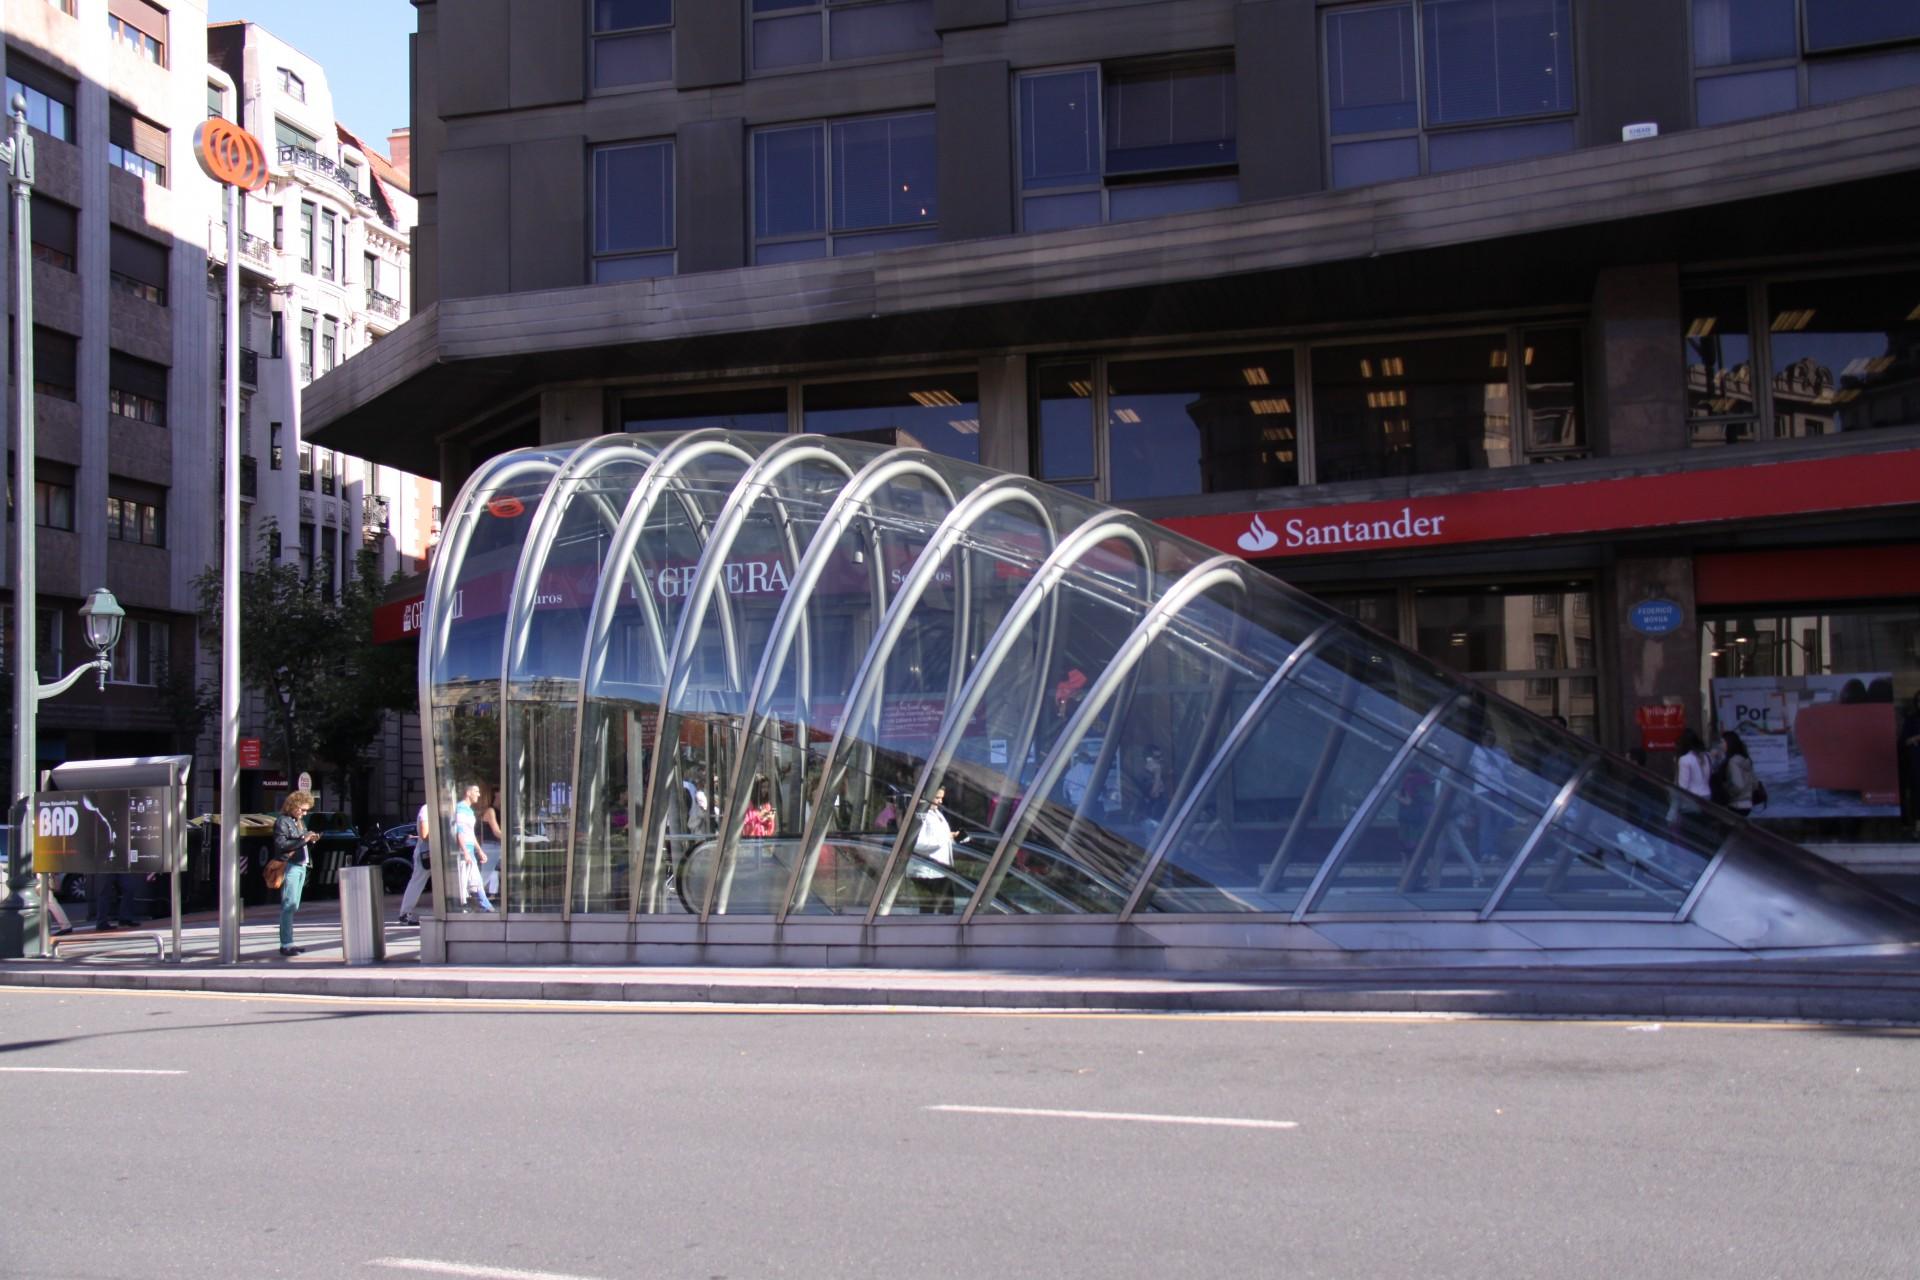 磯崎新にサンティアゴ・カラトラバ、ノーマン・フォスターなど、ビルバオは現代建築の宝庫です。おすすめの記事日本の技を一気見!150年の歴史を振り返る「建築の日本展-その遺伝子のもたらすもの-」のみどころとは?10の素材から隈研吾の建築をみる「くまのものー隈研吾とささやく物質、かたる物質」。コンセプトは縁側?プリツカー賞受賞の建築家・坂茂による「大分県立美術館」。現代日本の課題に建築で向き合う。「en[縁]アート・オブ・ネクサス」家型が連なる外観が特徴的な隈研吾設計の十和田市市民交流プラザ「トワーレ」。磯崎新が設計したオープンな公共建築「山口情報芸術センター」通称「YCAM(ワイカム)」